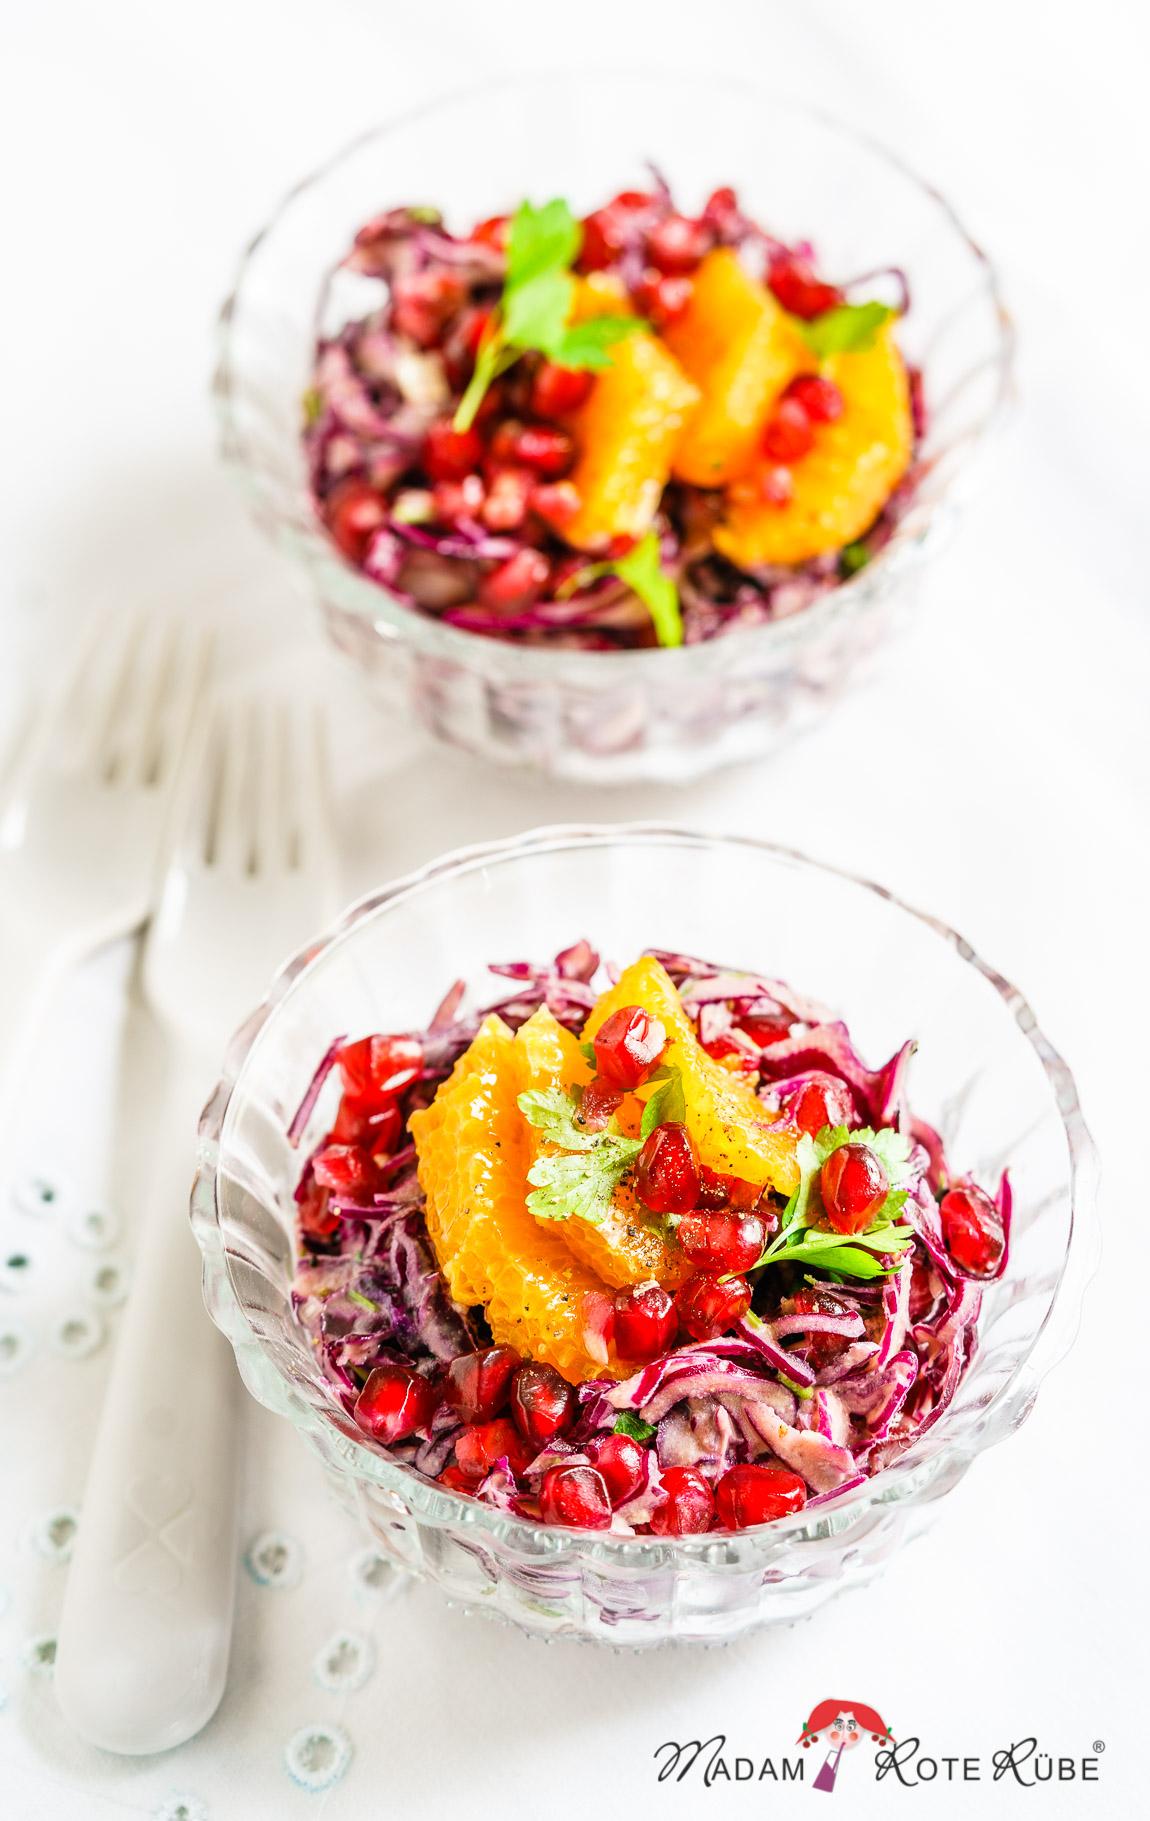 Madam Rote Rübe - Rotkohl-Salat mit Granatapfel und Limetten-Tahini-Dressing